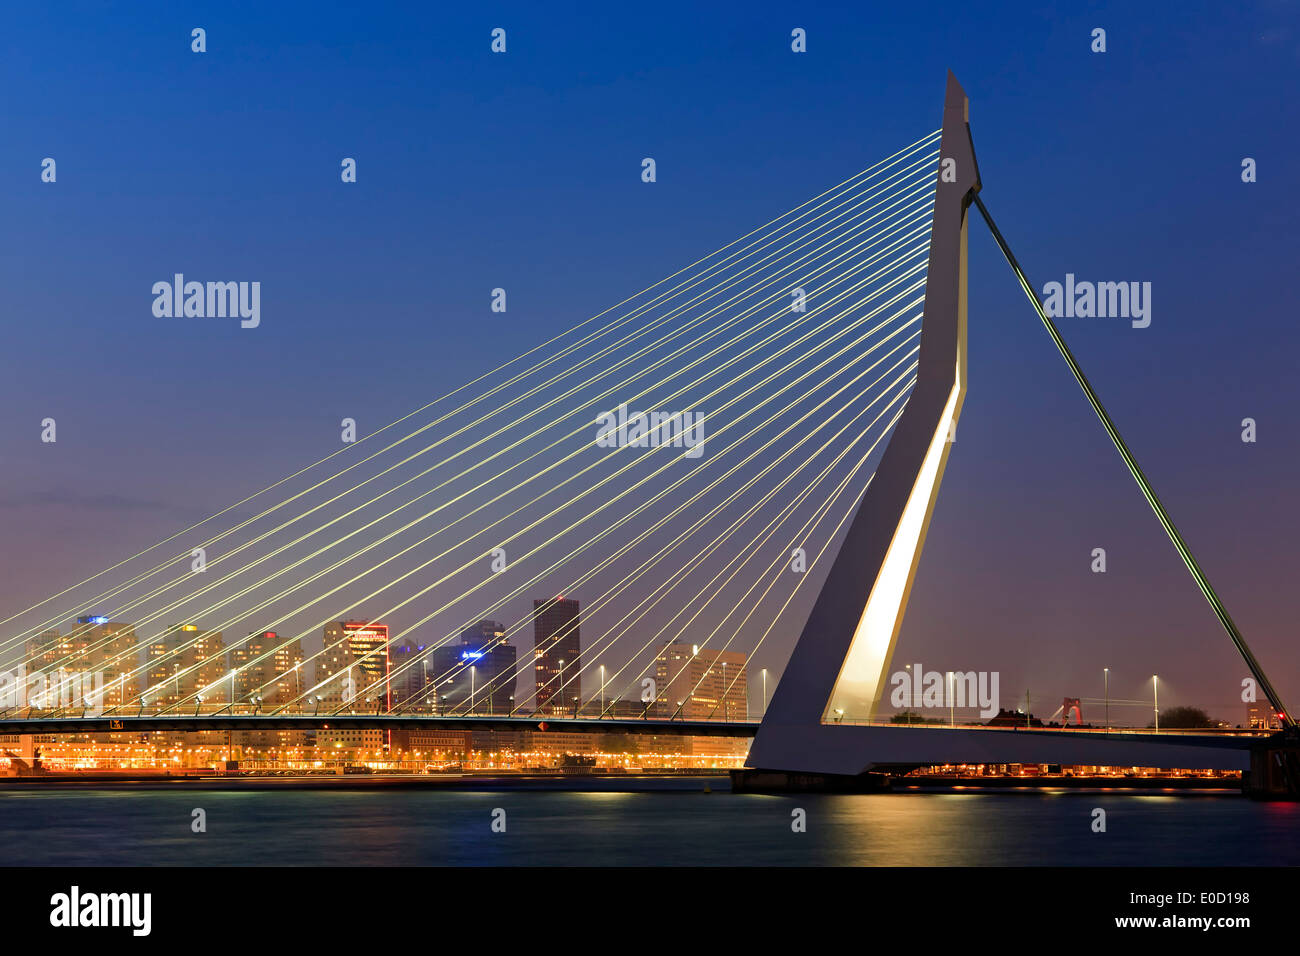 (Erasmusbrug Puente Erasmus) y el horizonte al atardecer, Rotterdam, Países Bajos Imagen De Stock